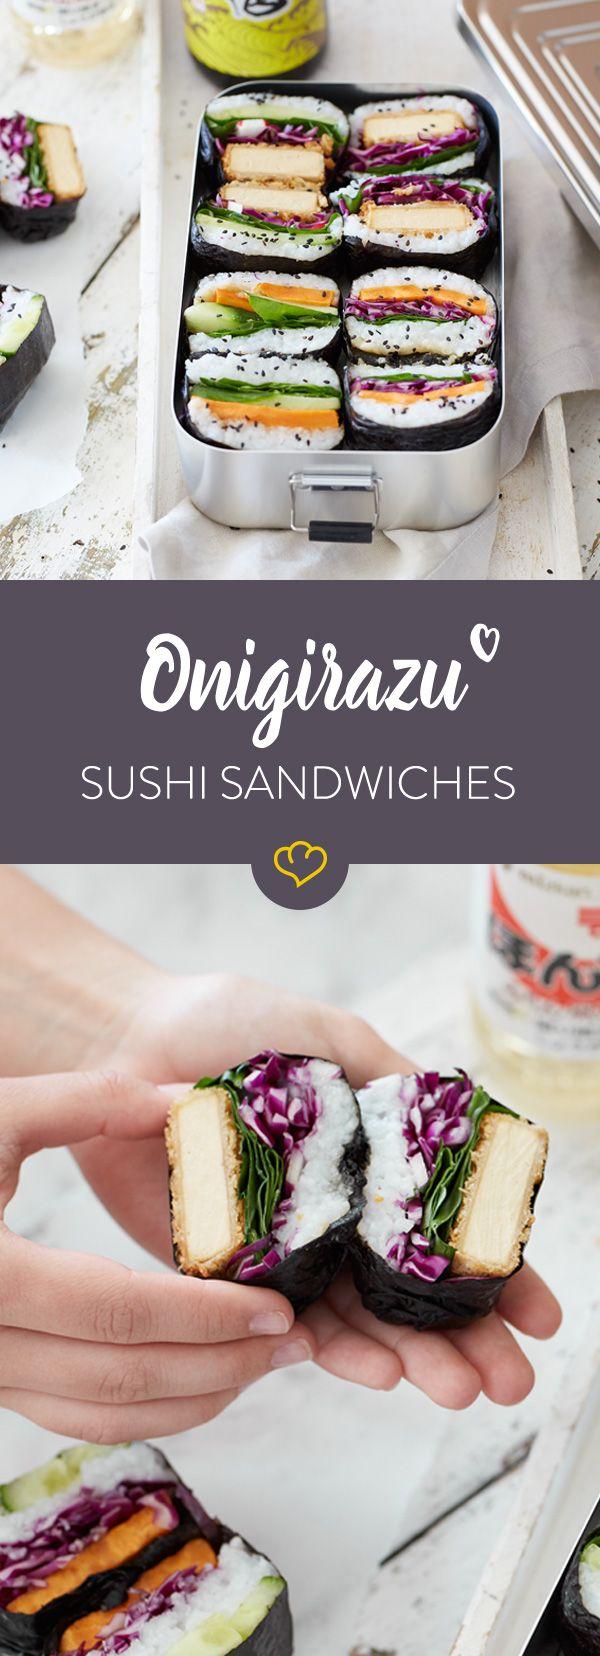 onigirazu bunte sushi sandwiches ganz vegetarisch rezept food healthy pinterest. Black Bedroom Furniture Sets. Home Design Ideas